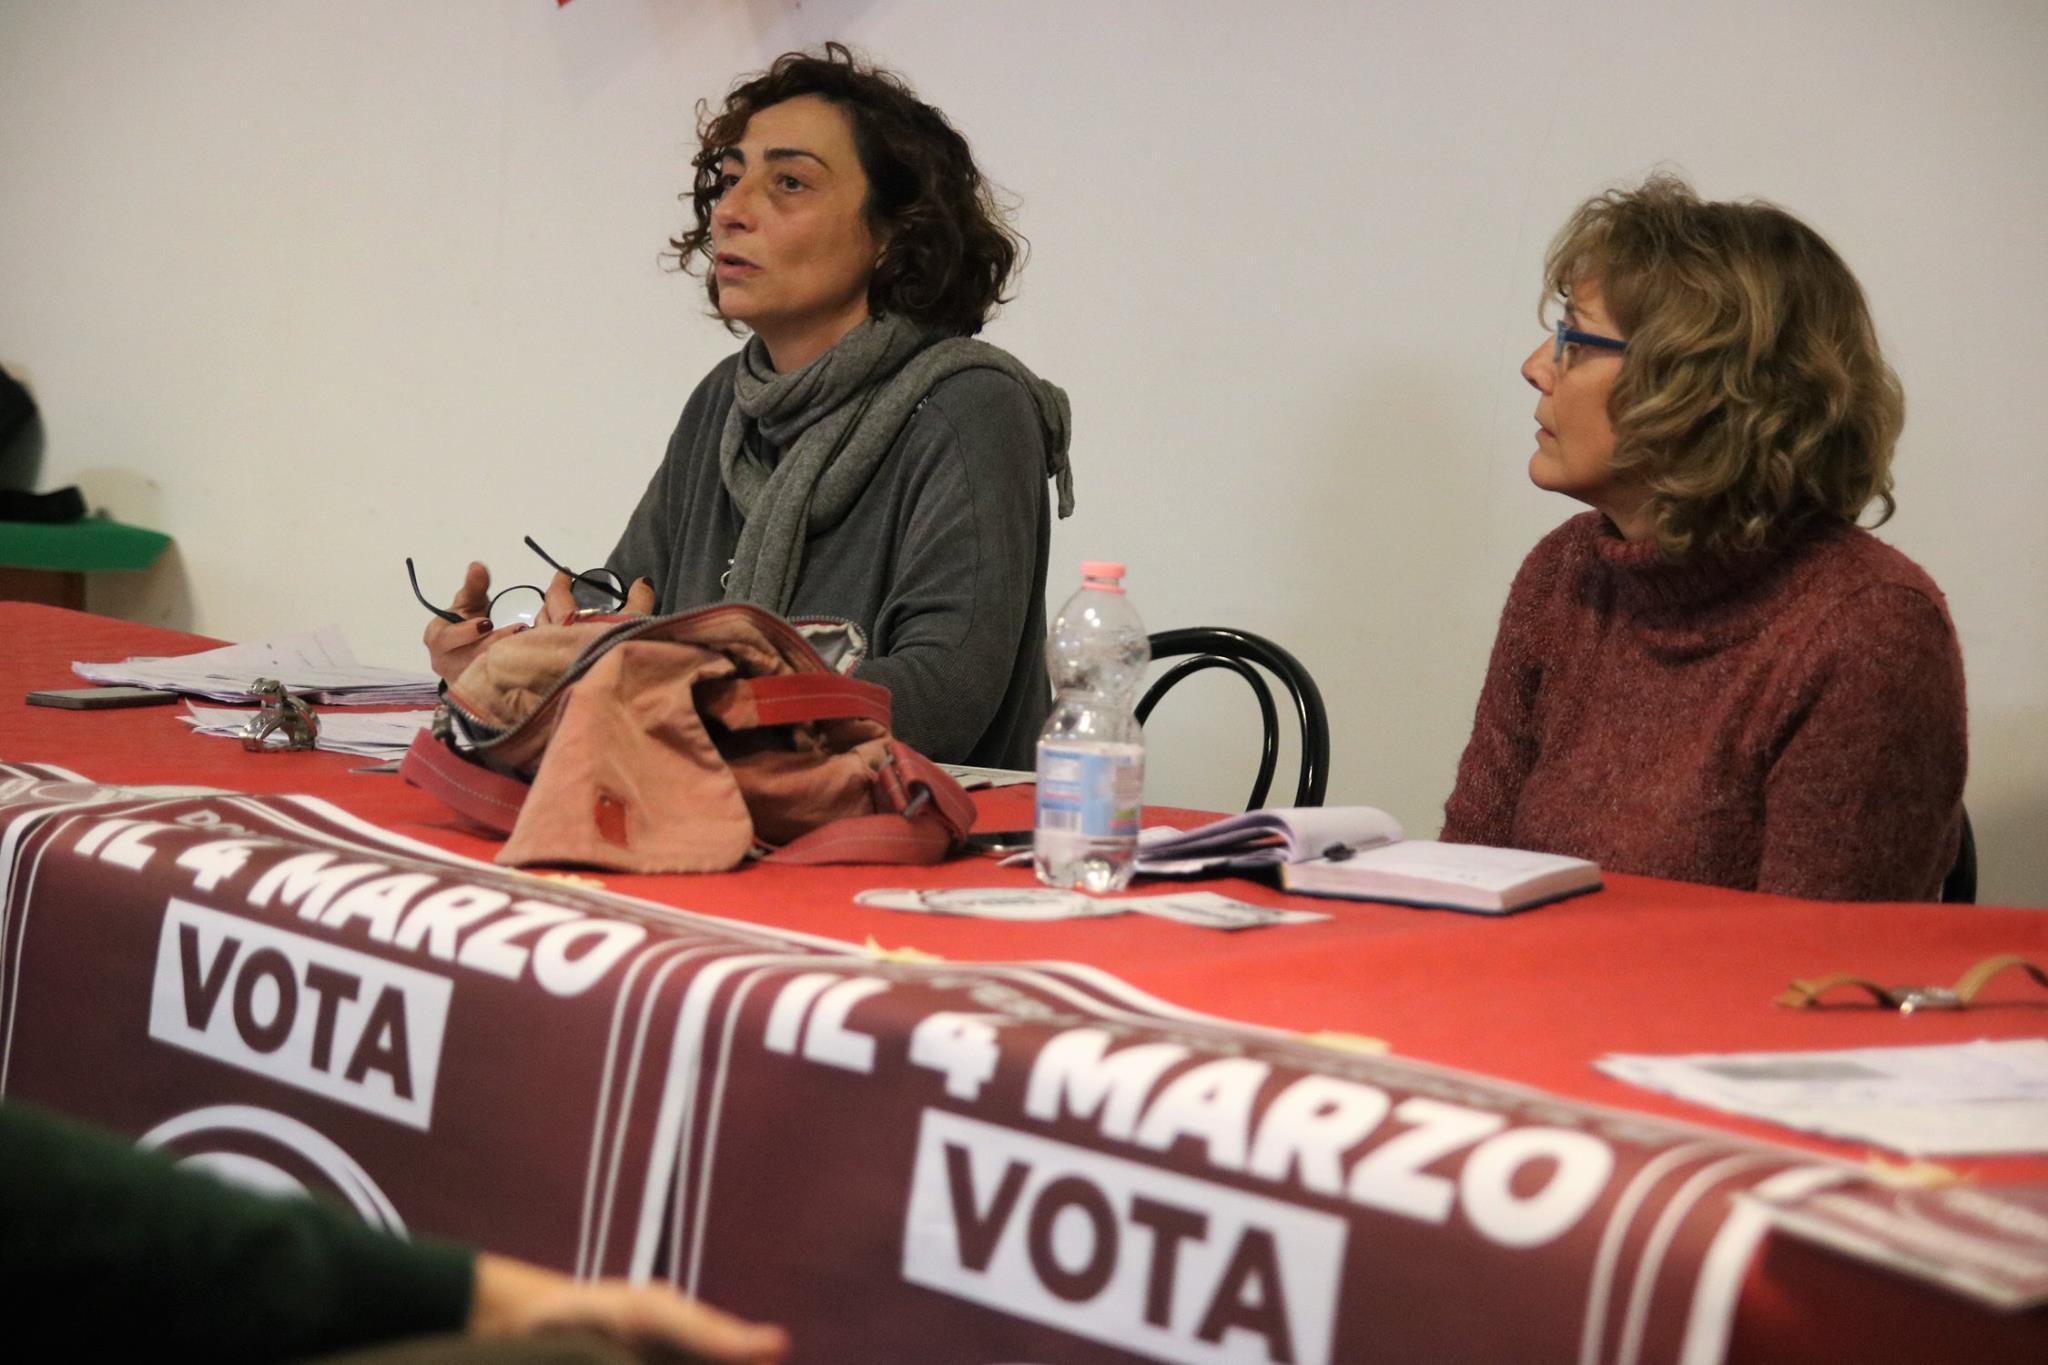 """Politiche, – 2 al voto: le """"domande finali"""" a Roberta Leoni, candidata alla Camera per Potere al Popolo"""